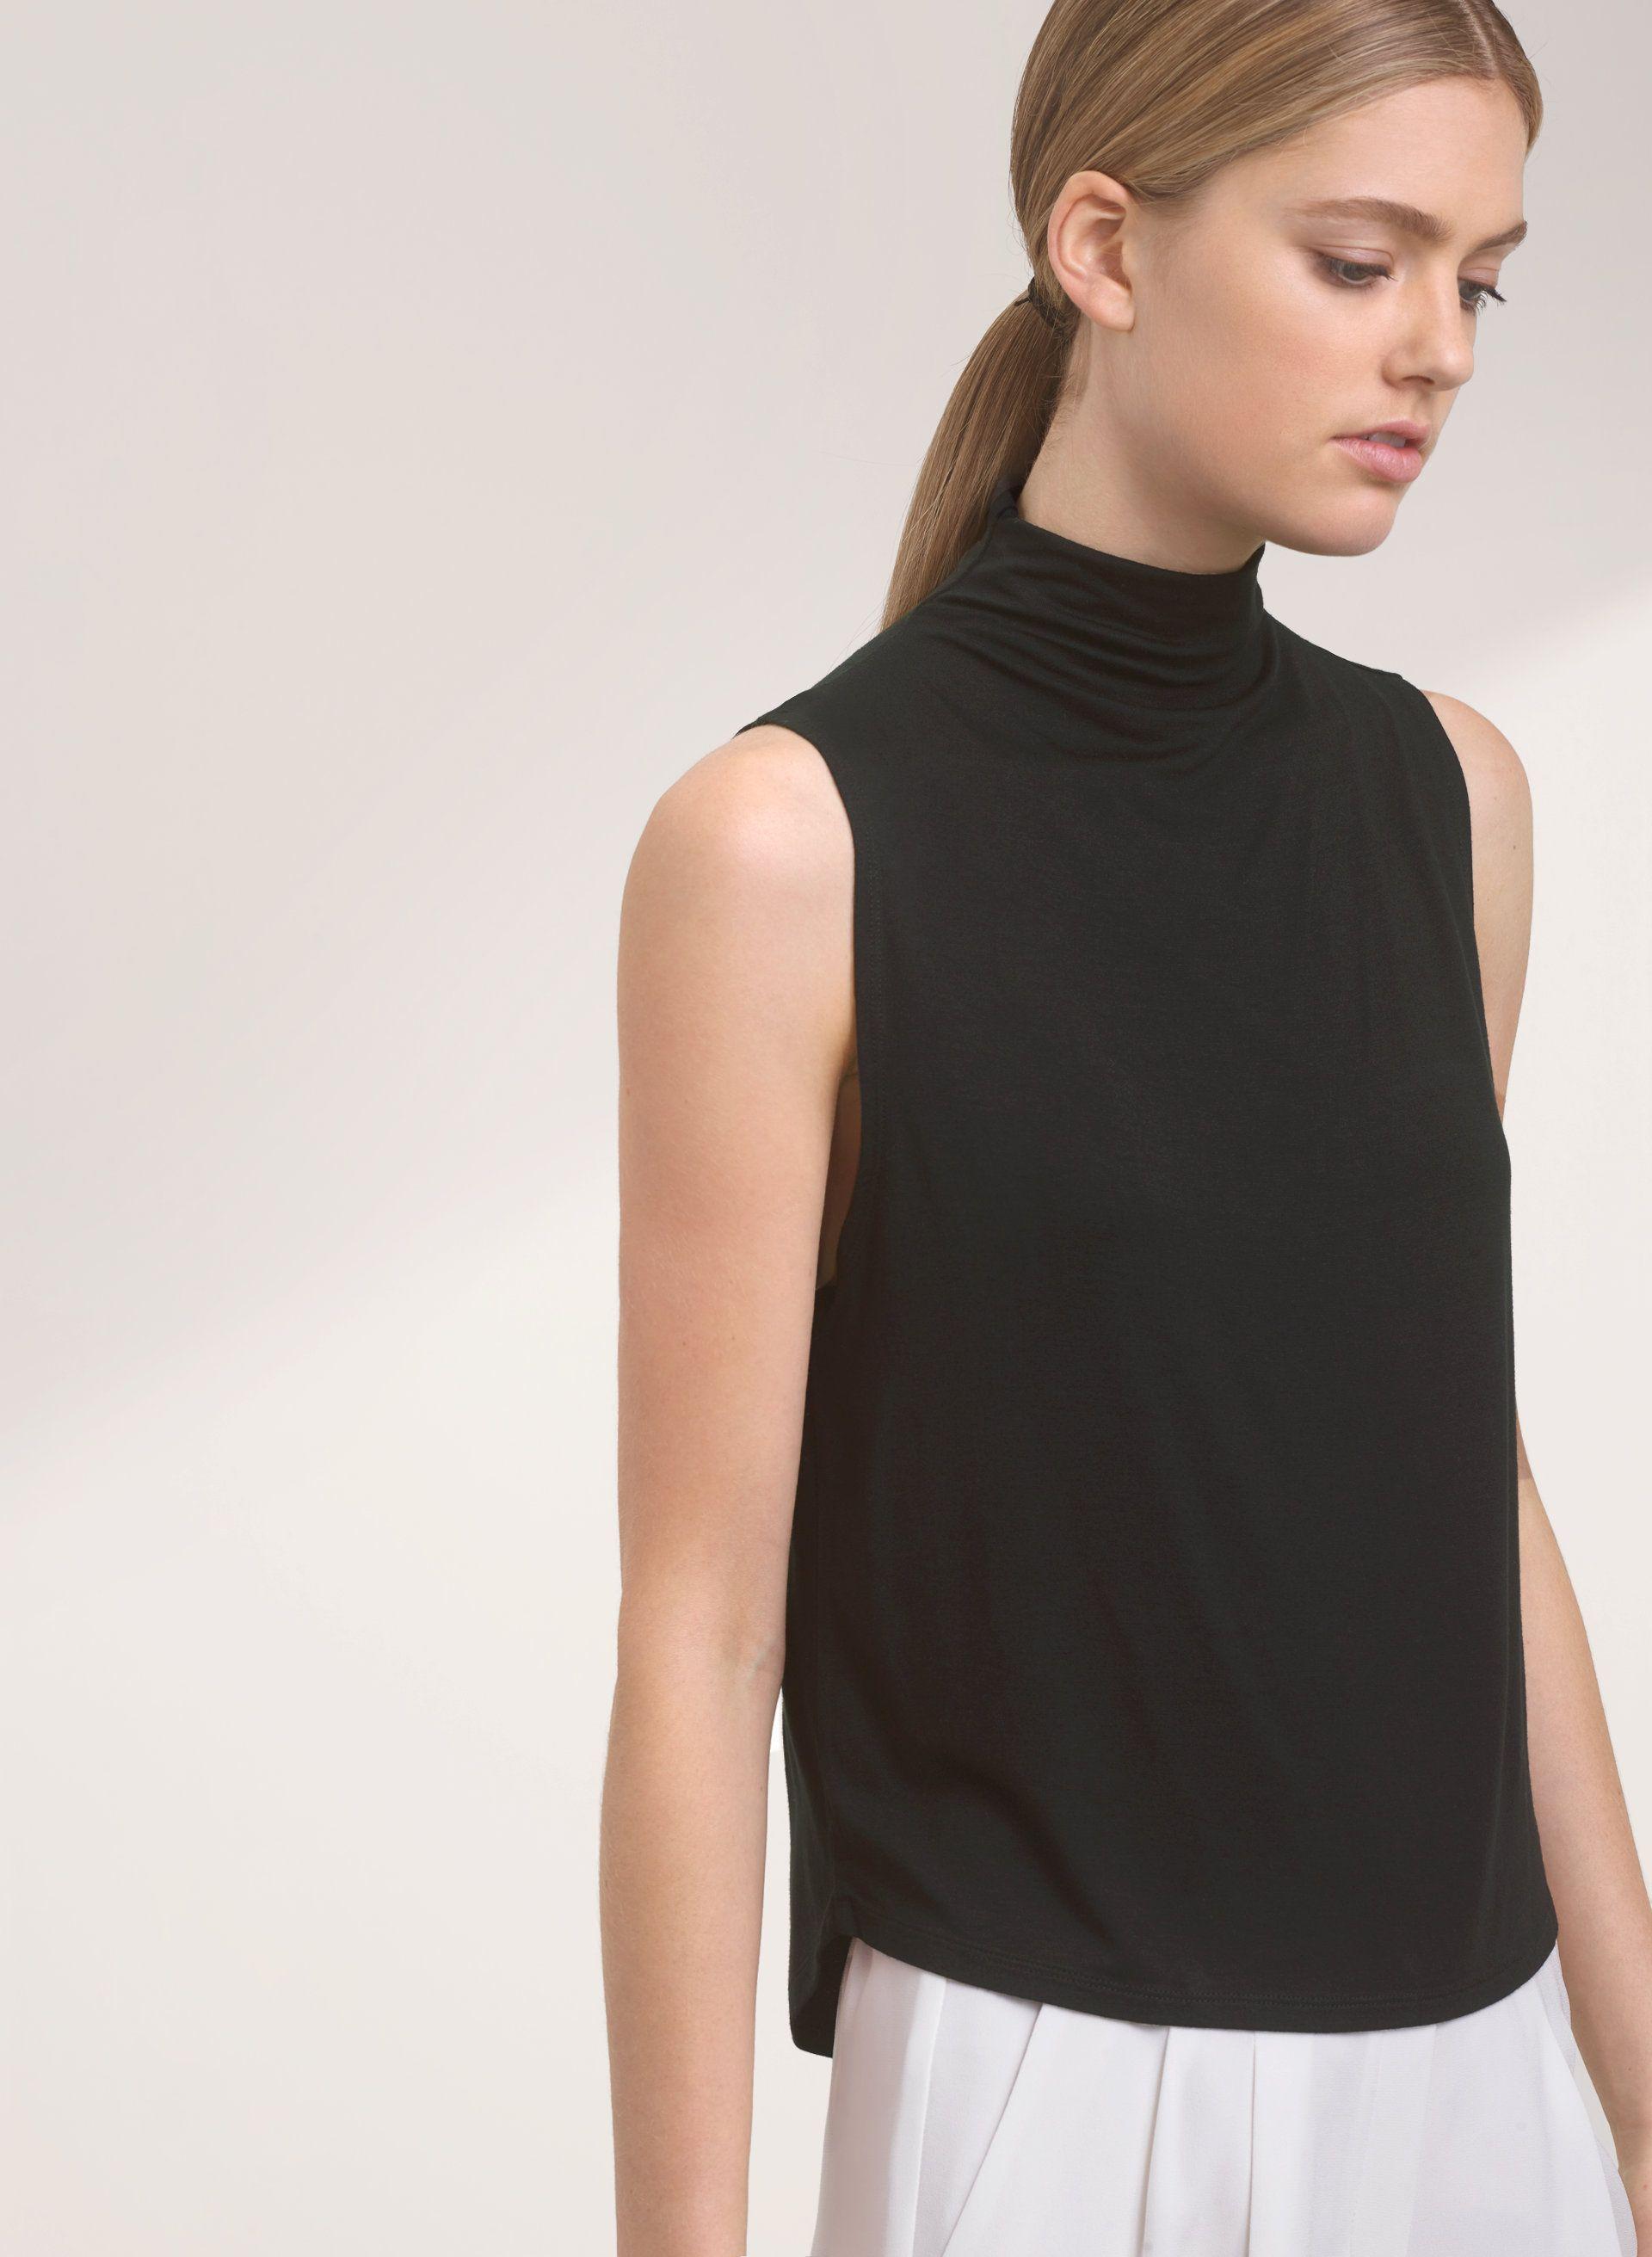 caf97a2dd1a5 Vince t-shirt | tops & dresses | Shirts, T shirt, Clothes